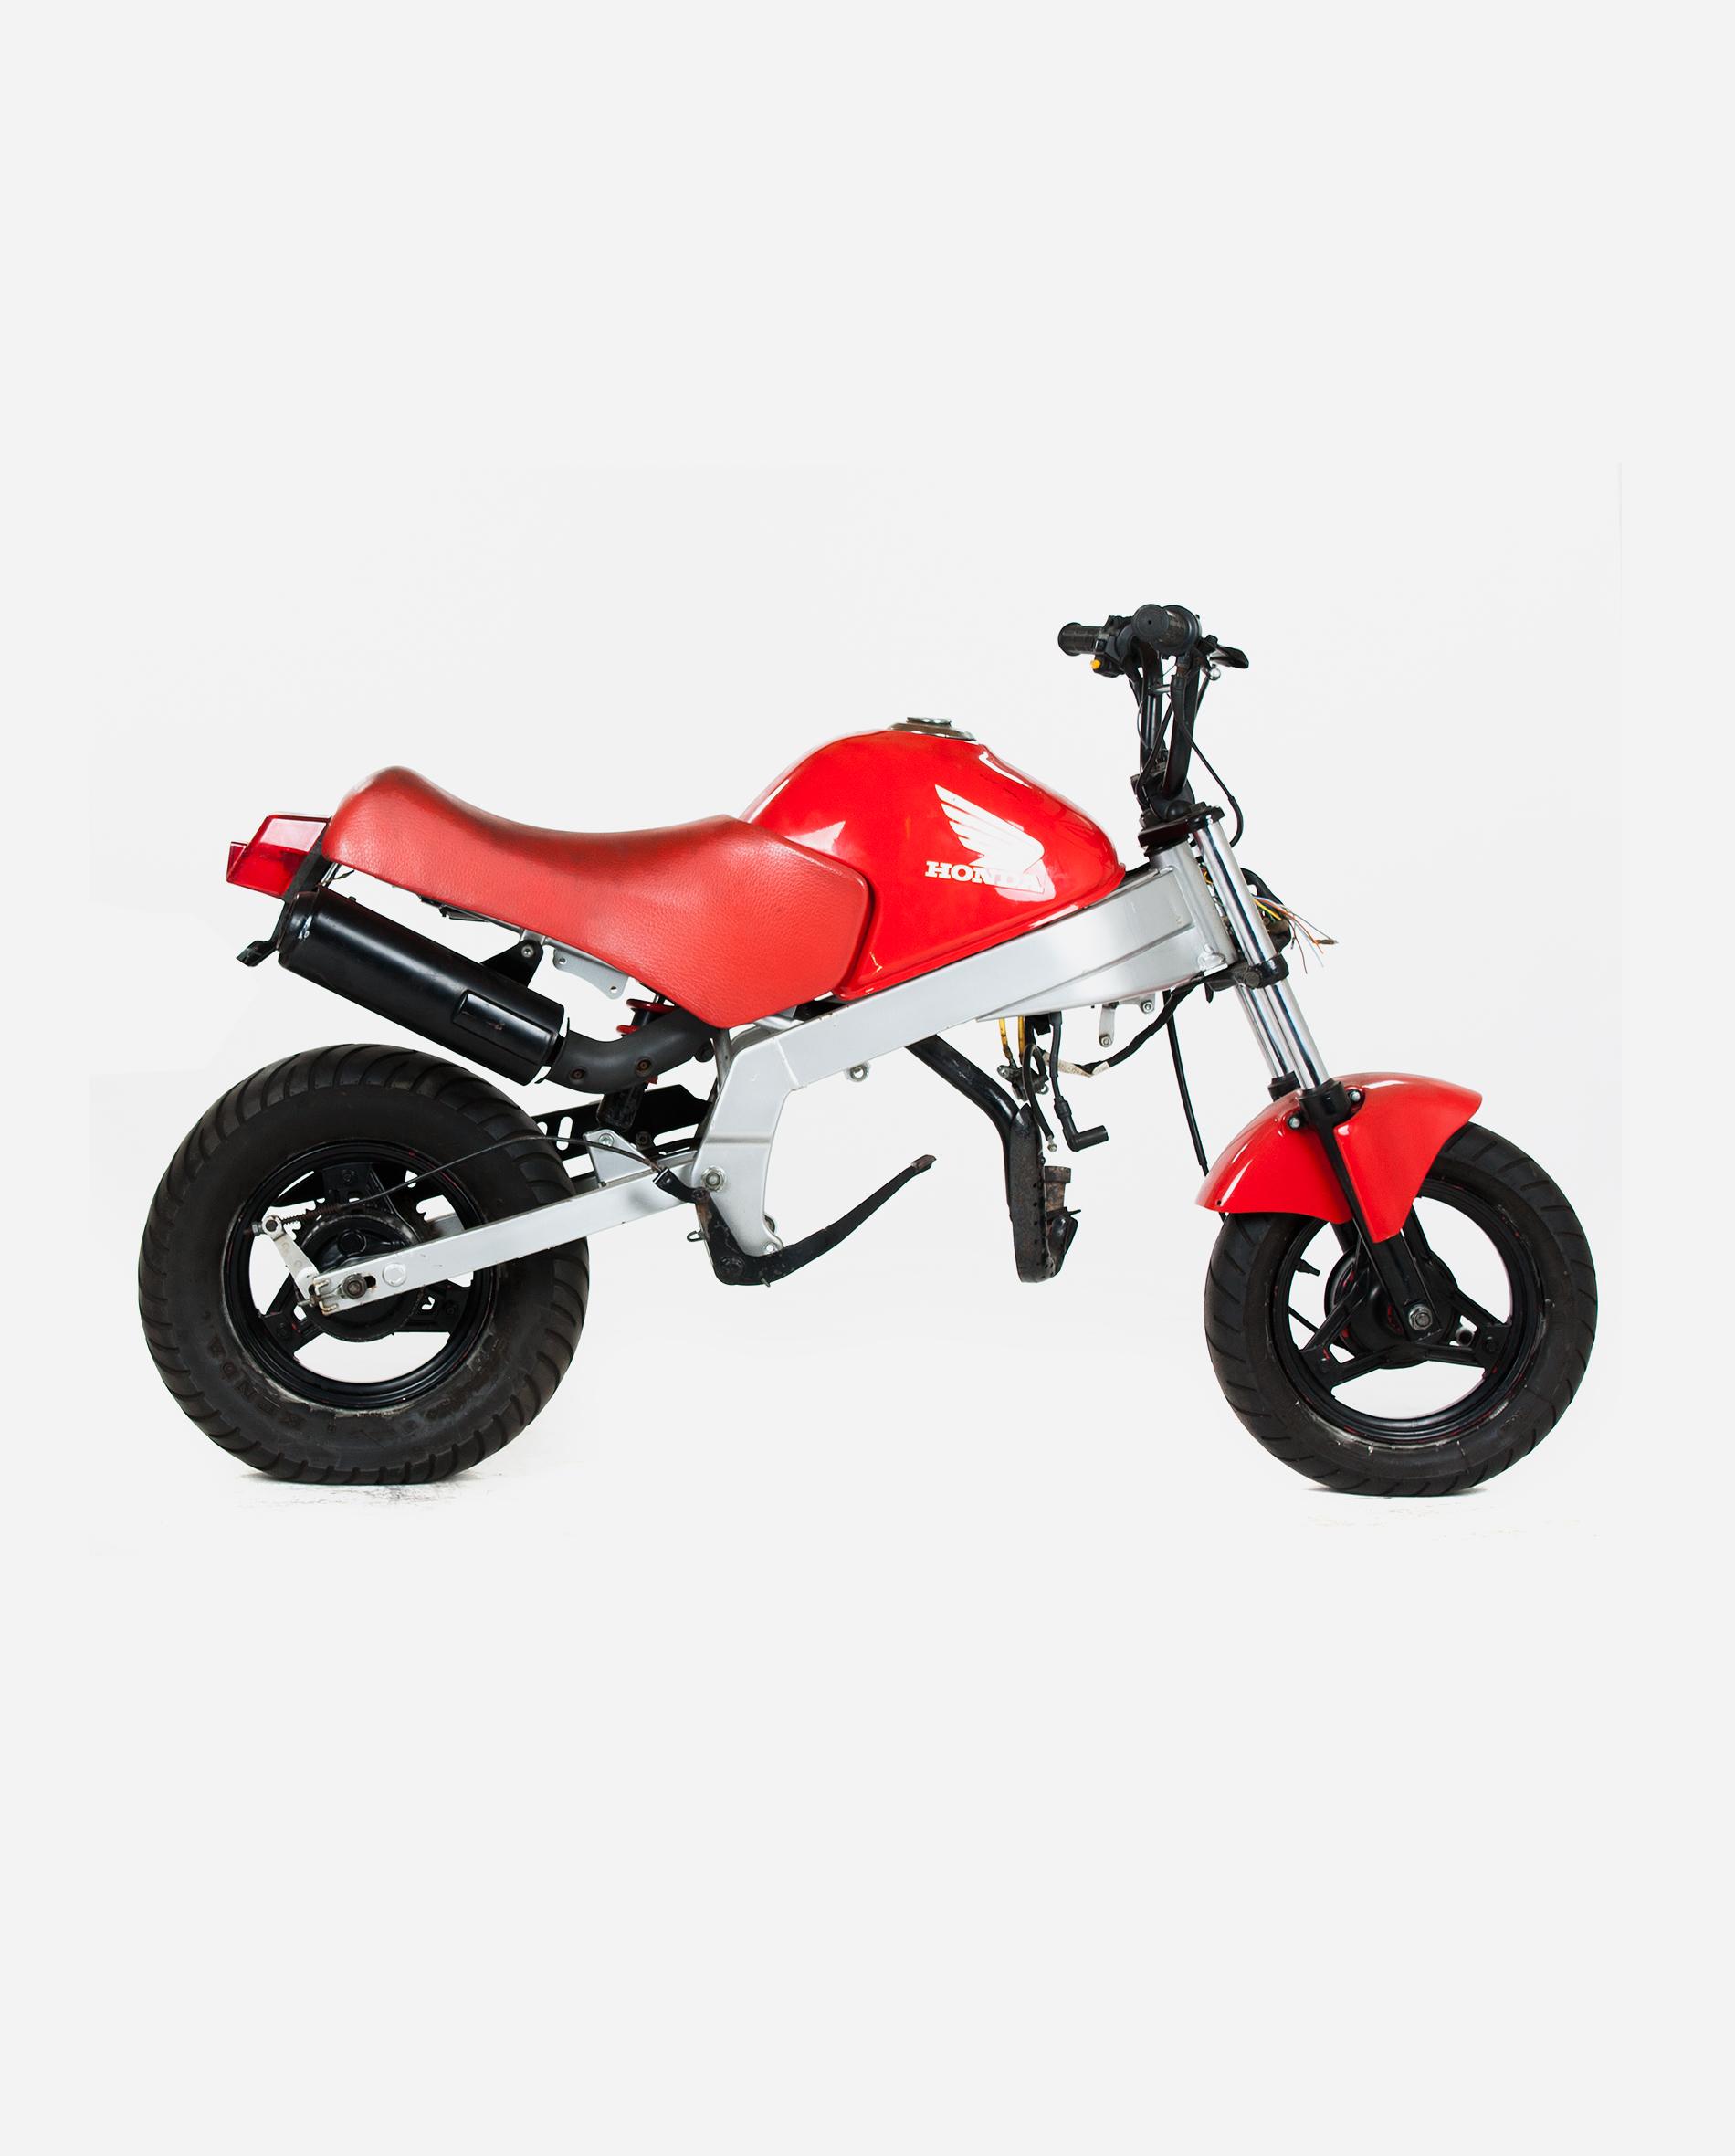 Honda zb 50 project fourstrokebarn for Rt 23 honda